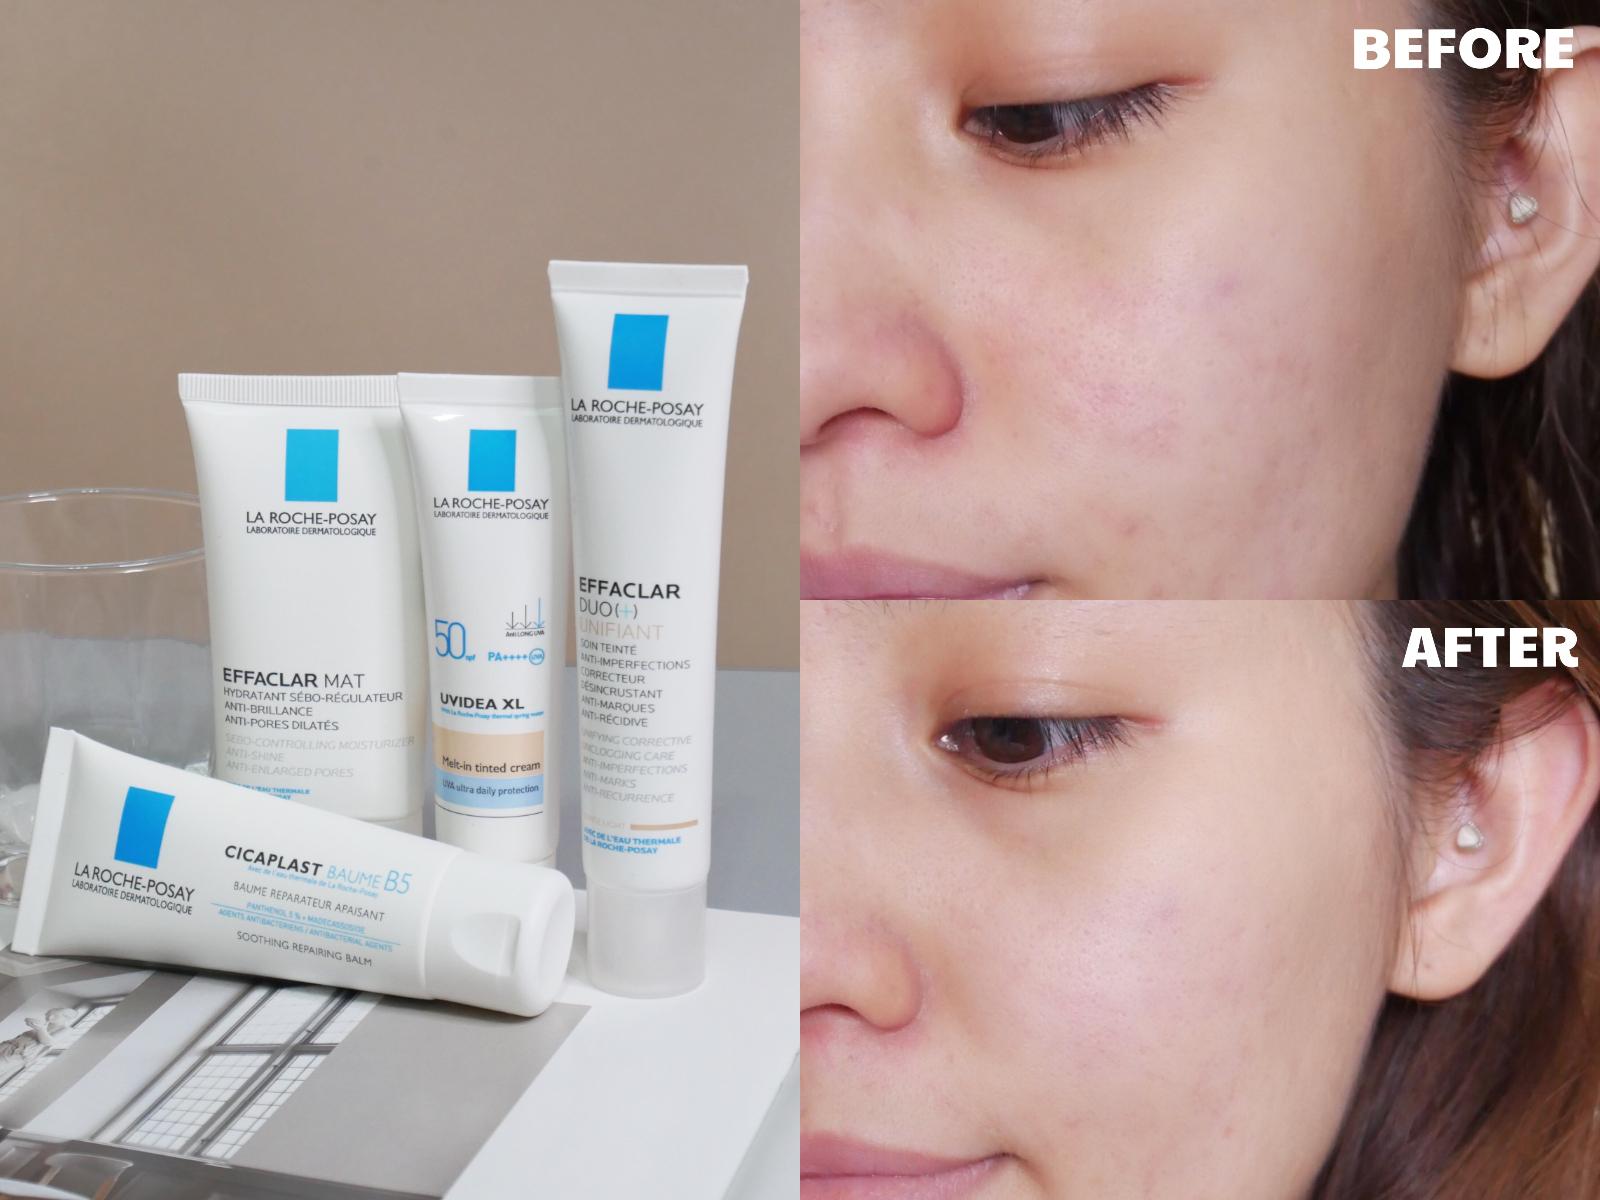 【清爽防曬】理膚寶水夏日明星商品,潤色防曬、穩定肌膚